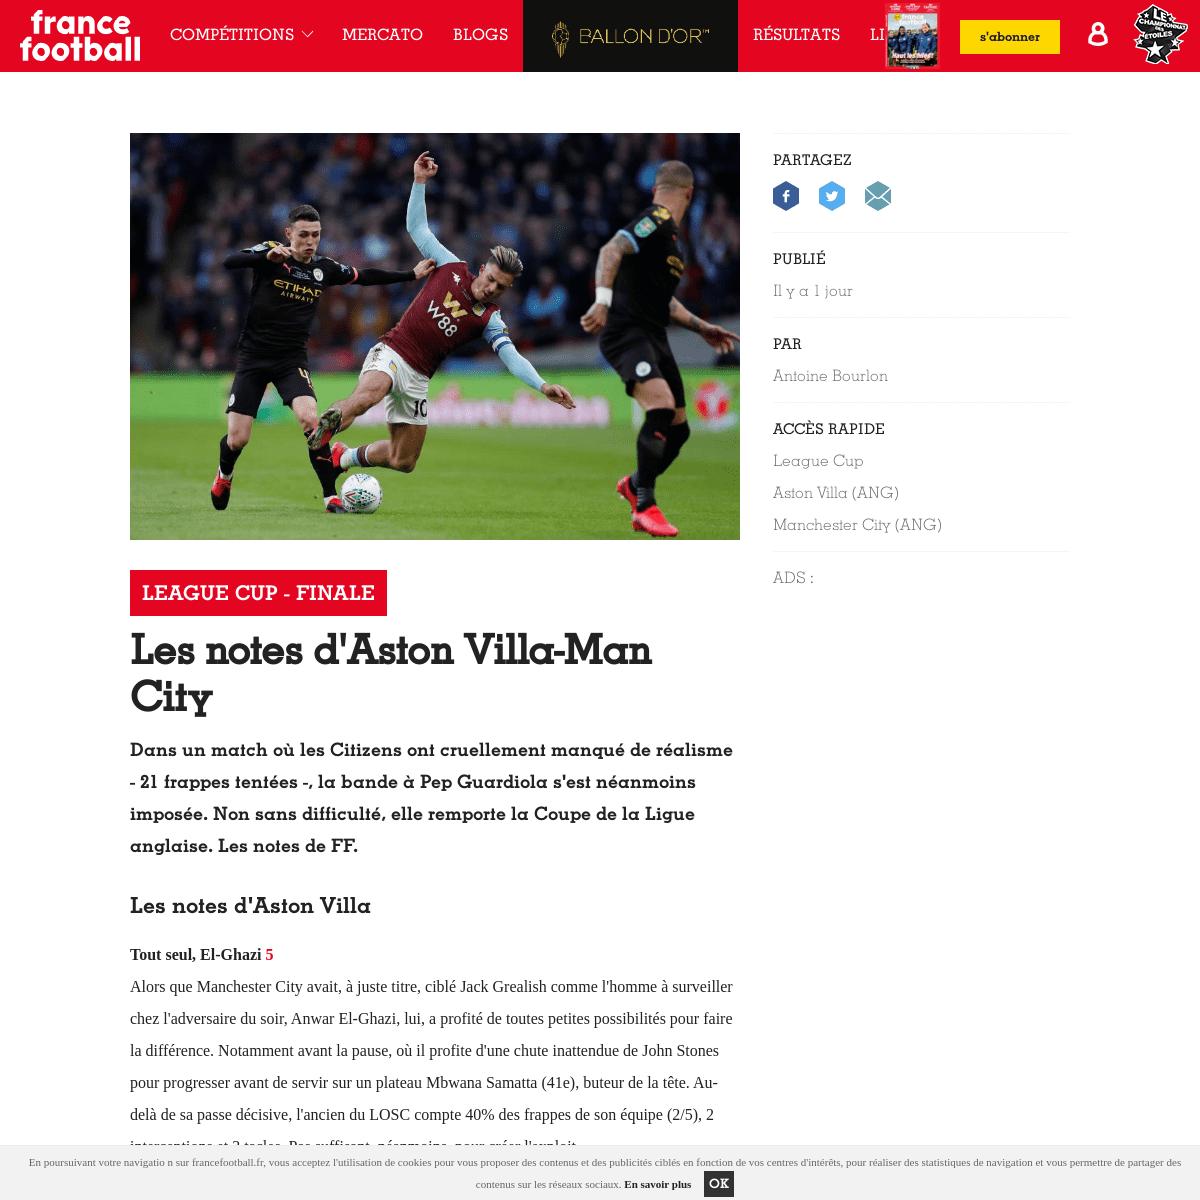 League Cup - Finale - Les notes d'Aston Villa-Man City - France Football